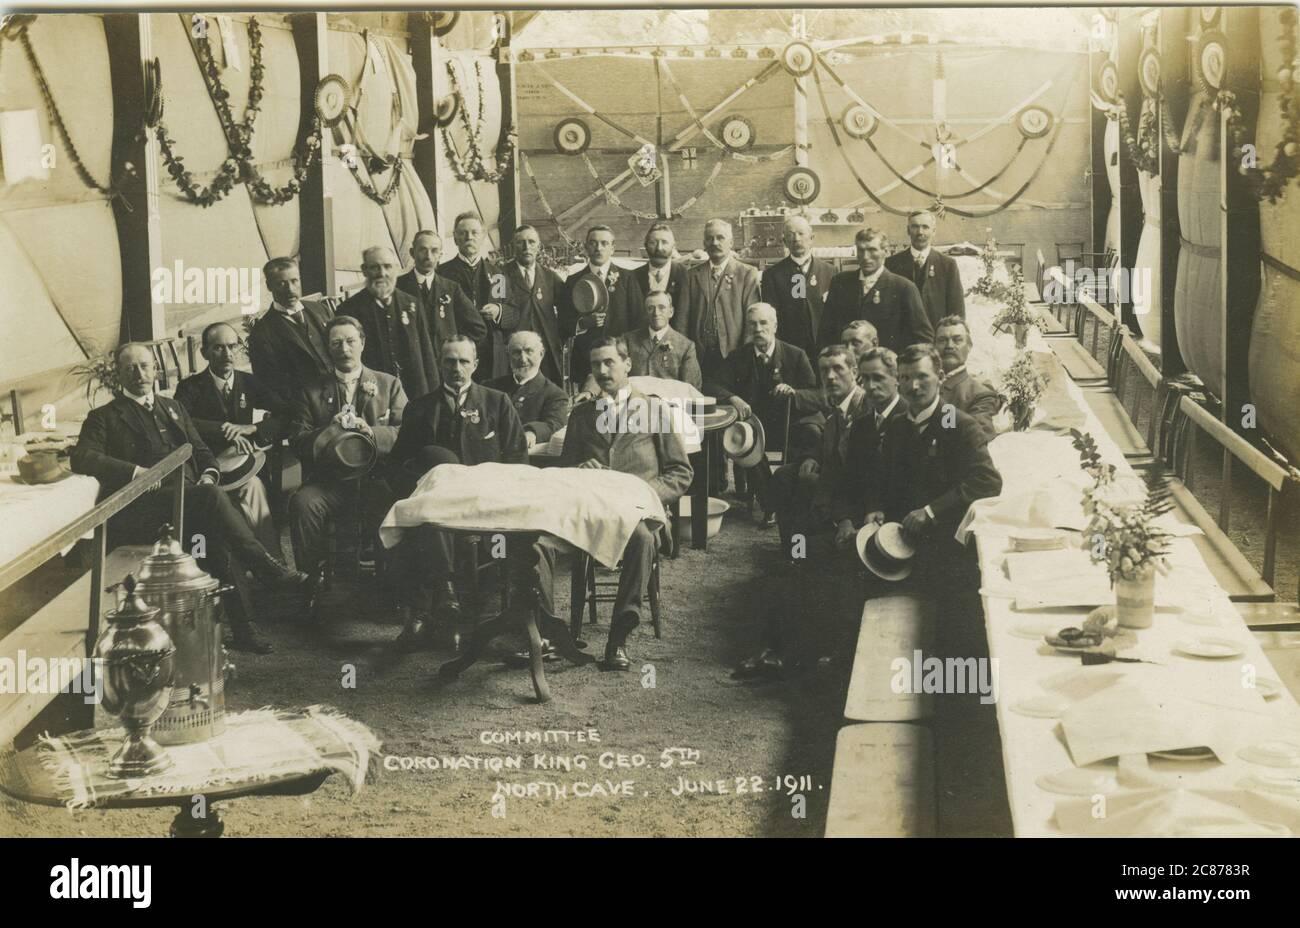 Comité du village (célébration du couronnement du roi George V - 22 juin 1911), North Cave, Bagard, Yorkshire, Angleterre. Banque D'Images